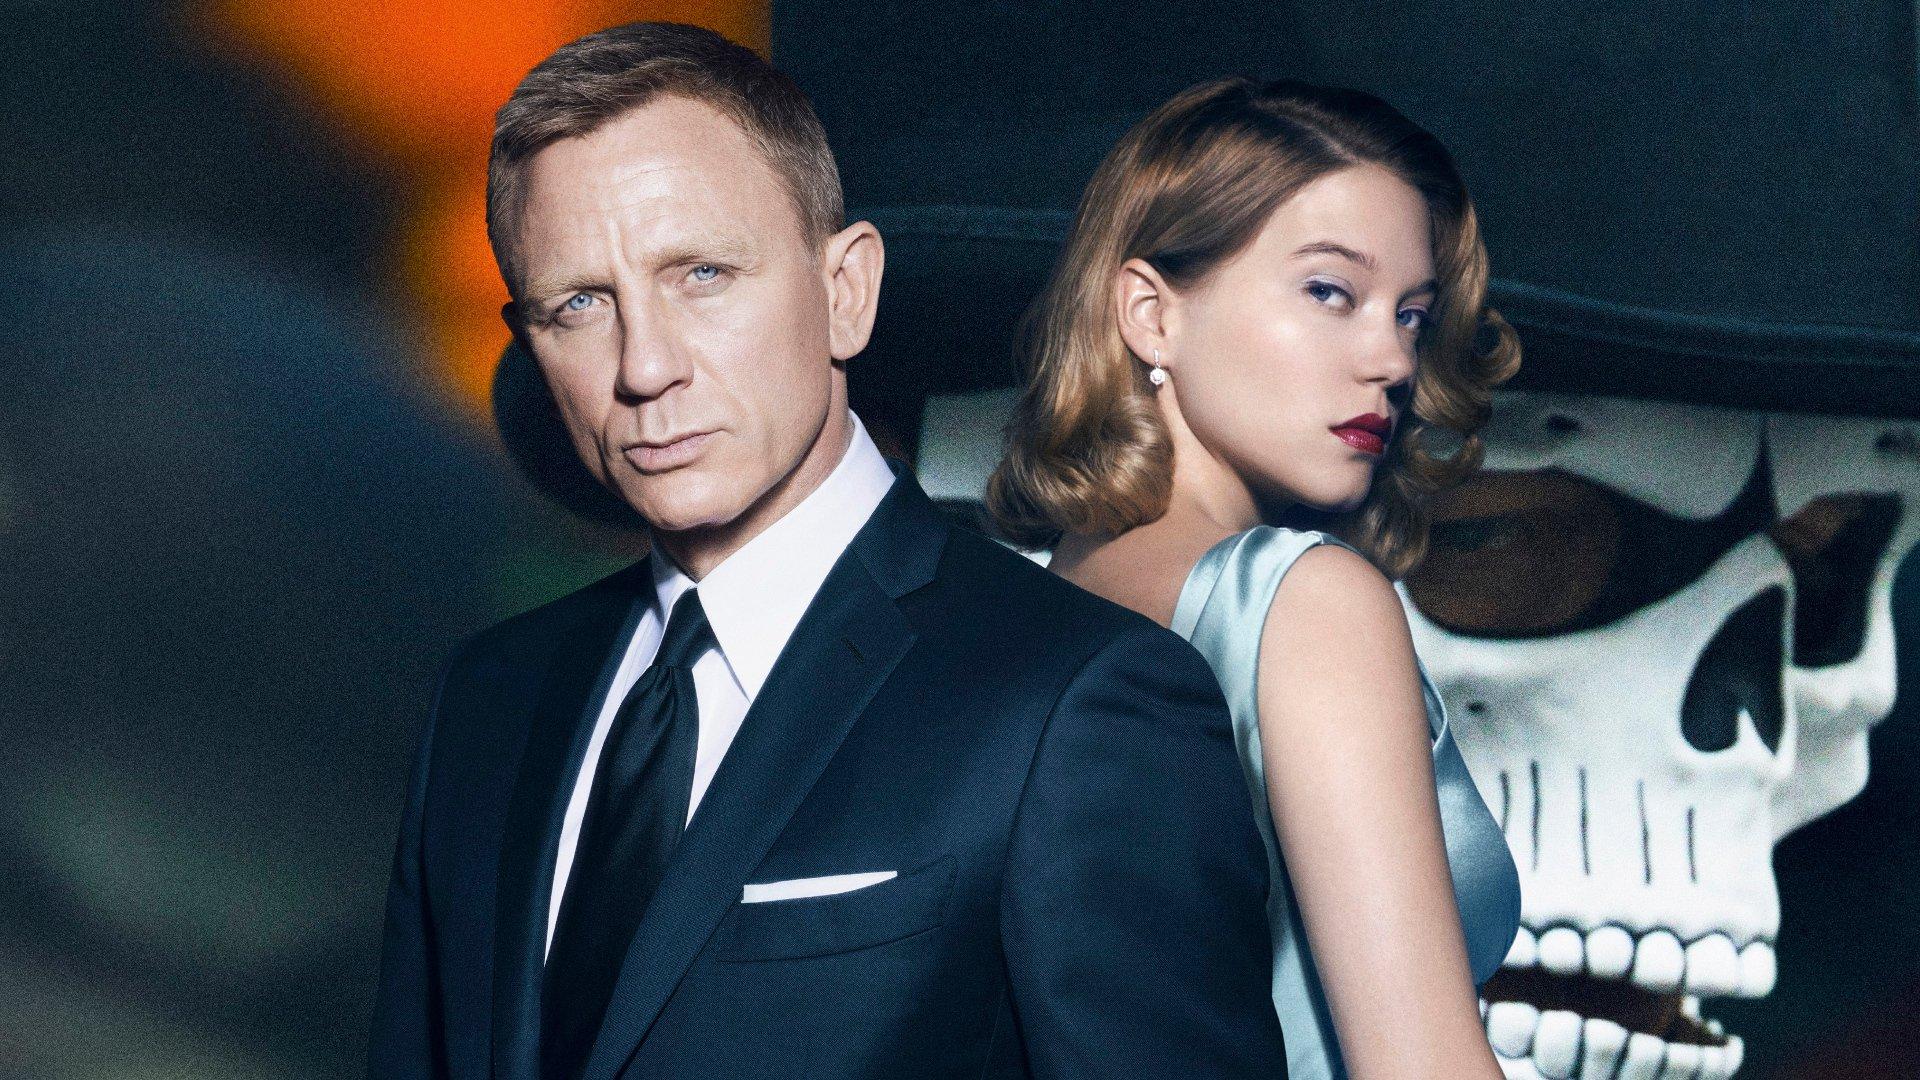 Regarder 007 Spectre en streaming gratuit